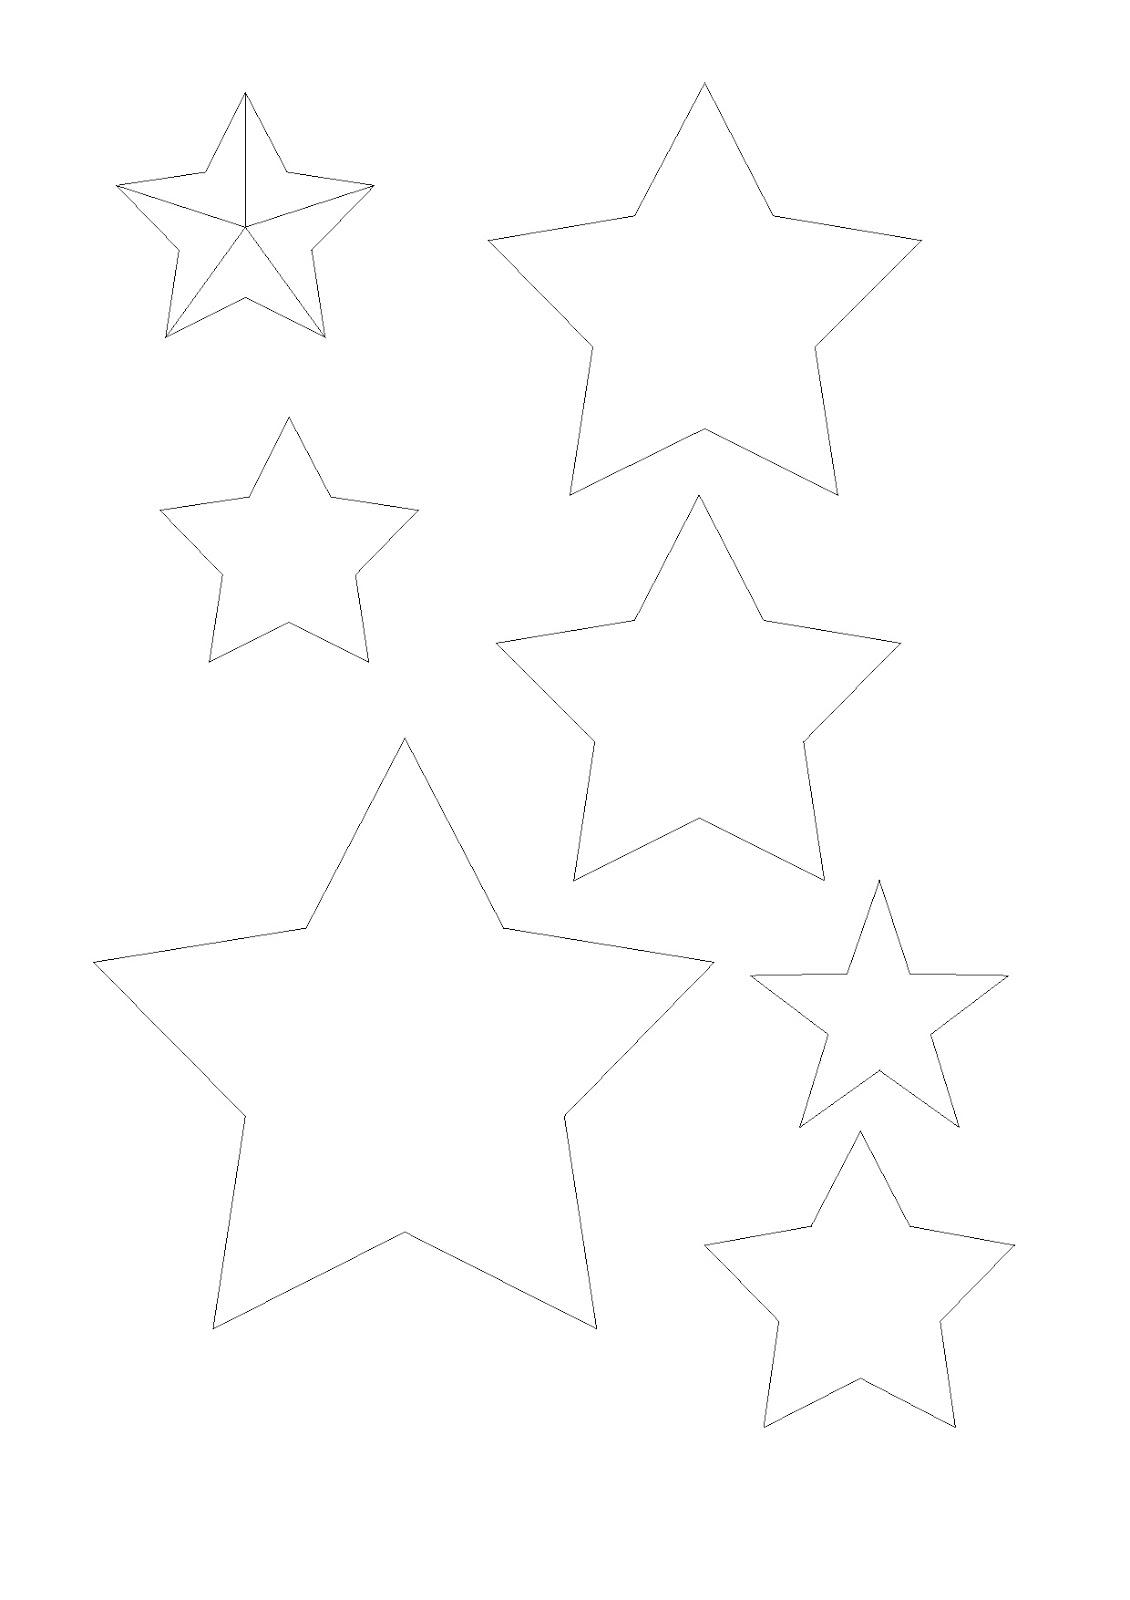 Wie Werden Sterne Fur Hotels Vergeben